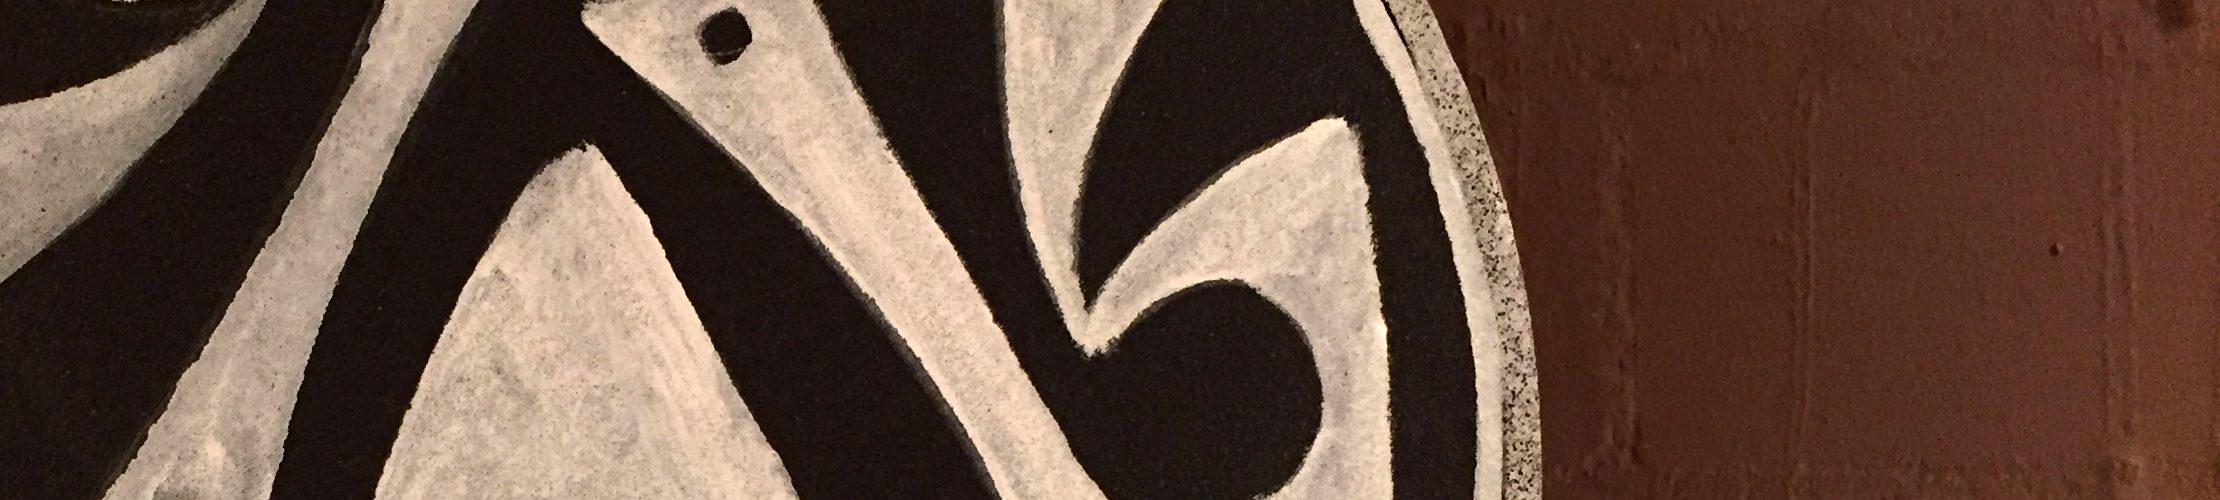 bowfire, BOWFIRE, Bogenschule, Fachhandel, Bogenparcours, Bogen kaufen, Zubehör, Bogenschießen, Bogenreisen, Bogenevents, Kiel, Schleswig Holstein, Deutschland, Bogenbau, Kurs, Workshop, Abendkurs, eigenen Bogen bauen, traditionell, Helmut Ritter, Bowfire, Bogenreisen, meditatives Bogenschießen, einsgerichtetes Bogenschießen, traditionelles Bogenschießen, intuitives Bogenschießen, traditioneller Bogenbau, Bogenbau, traditionelles Bogenschiessen, Schleswig Holstein, Plön, Rendsburg, Eckernförde, Kiel, Stave, Bogenrohlinge, Bogenbaukurse, Kurse, Workshops, Zubehör, Pfeile, Federn, Köcher, Messer, Sehne, Sehnenumwicklung, Leder, Nockpunkt, Nocken, Tips, Recurve, Syahs, Eibe, Osage Orange, Hasel, Manau, Rattan, Esche, Hickory, Bambus, Eberesche, Weißdorn, Backing, Sehnenbacking, Bogenworkshop, in zwei Tagen, Zubehörworkshop, Zielscheiben aus Ethafoam, Bogensport, Fachhandel, Bogenfestival, bogenguide, Parcours, Deutschlands Parcours,